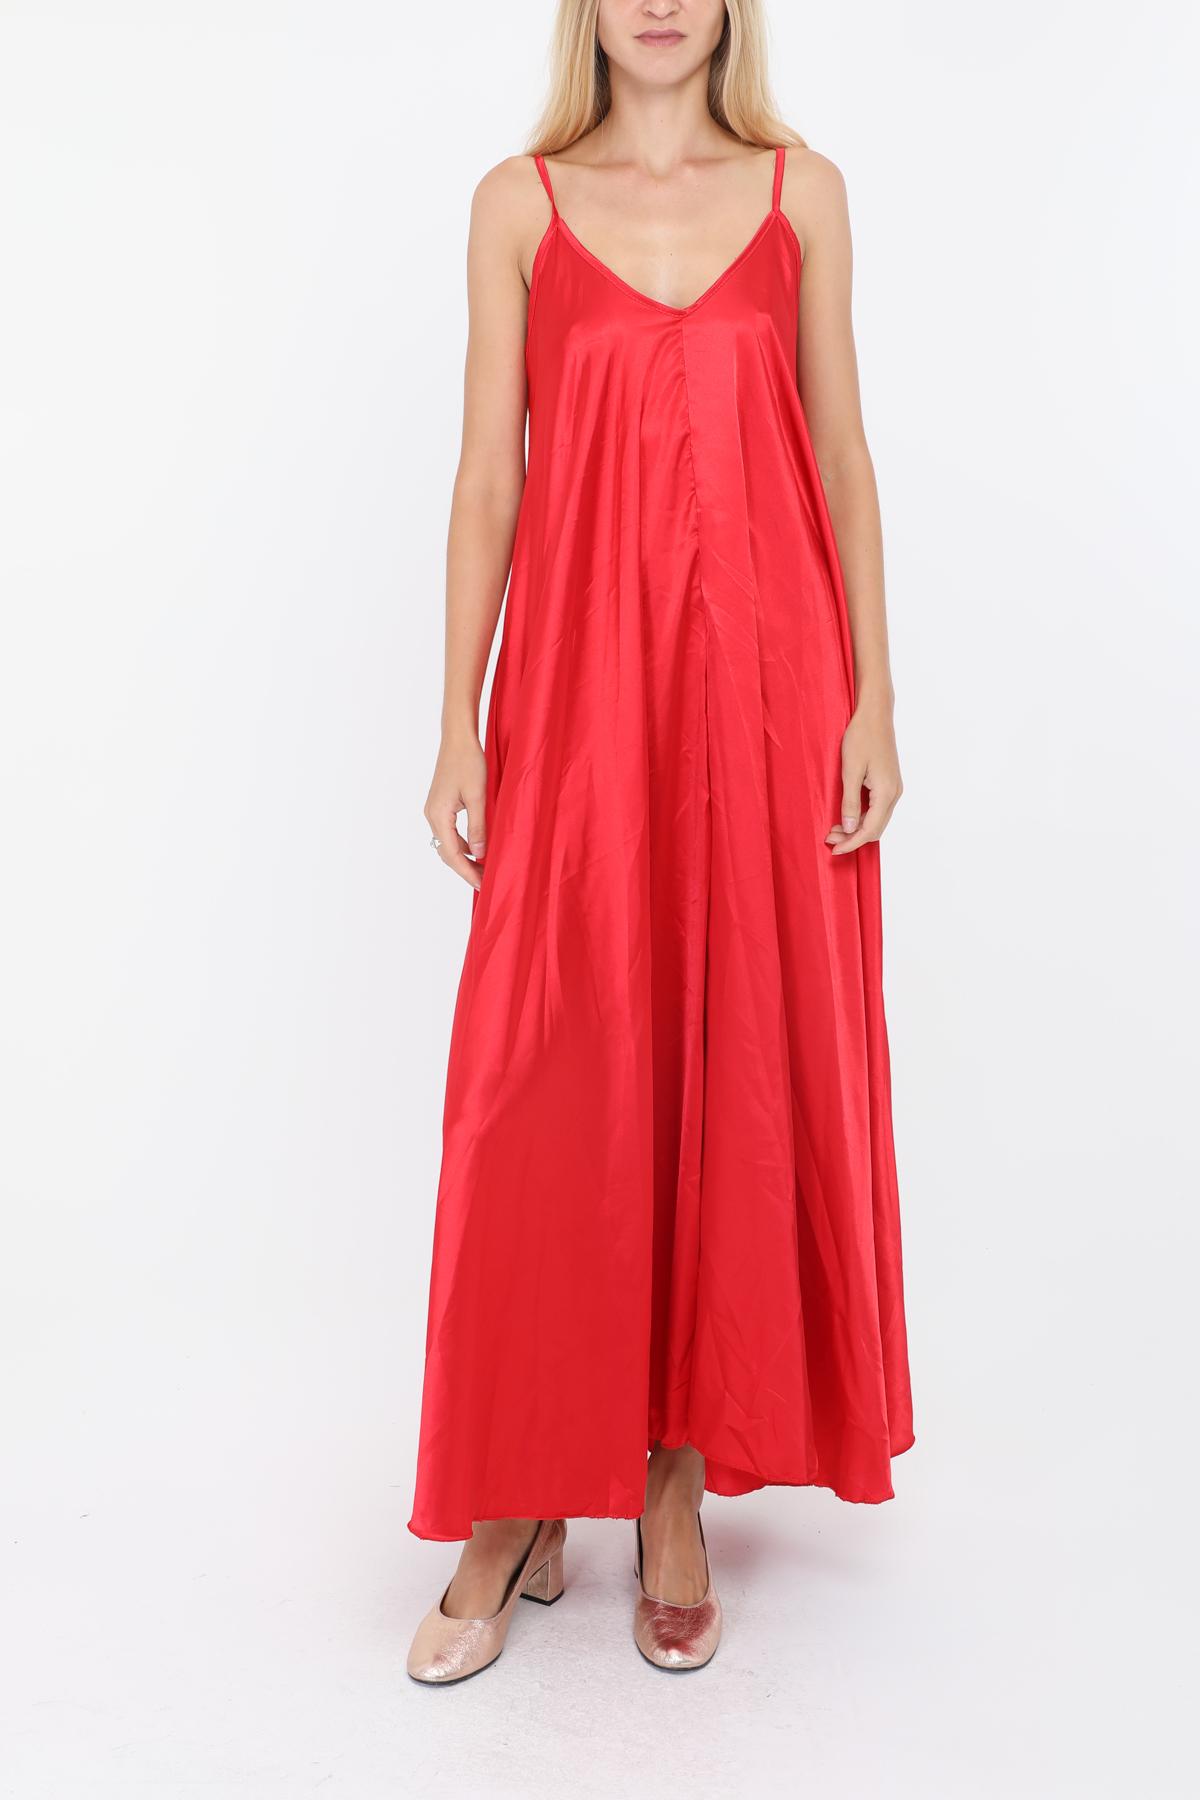 Robes longues Femme Rouge KAIA 20200 #c eFashion Paris